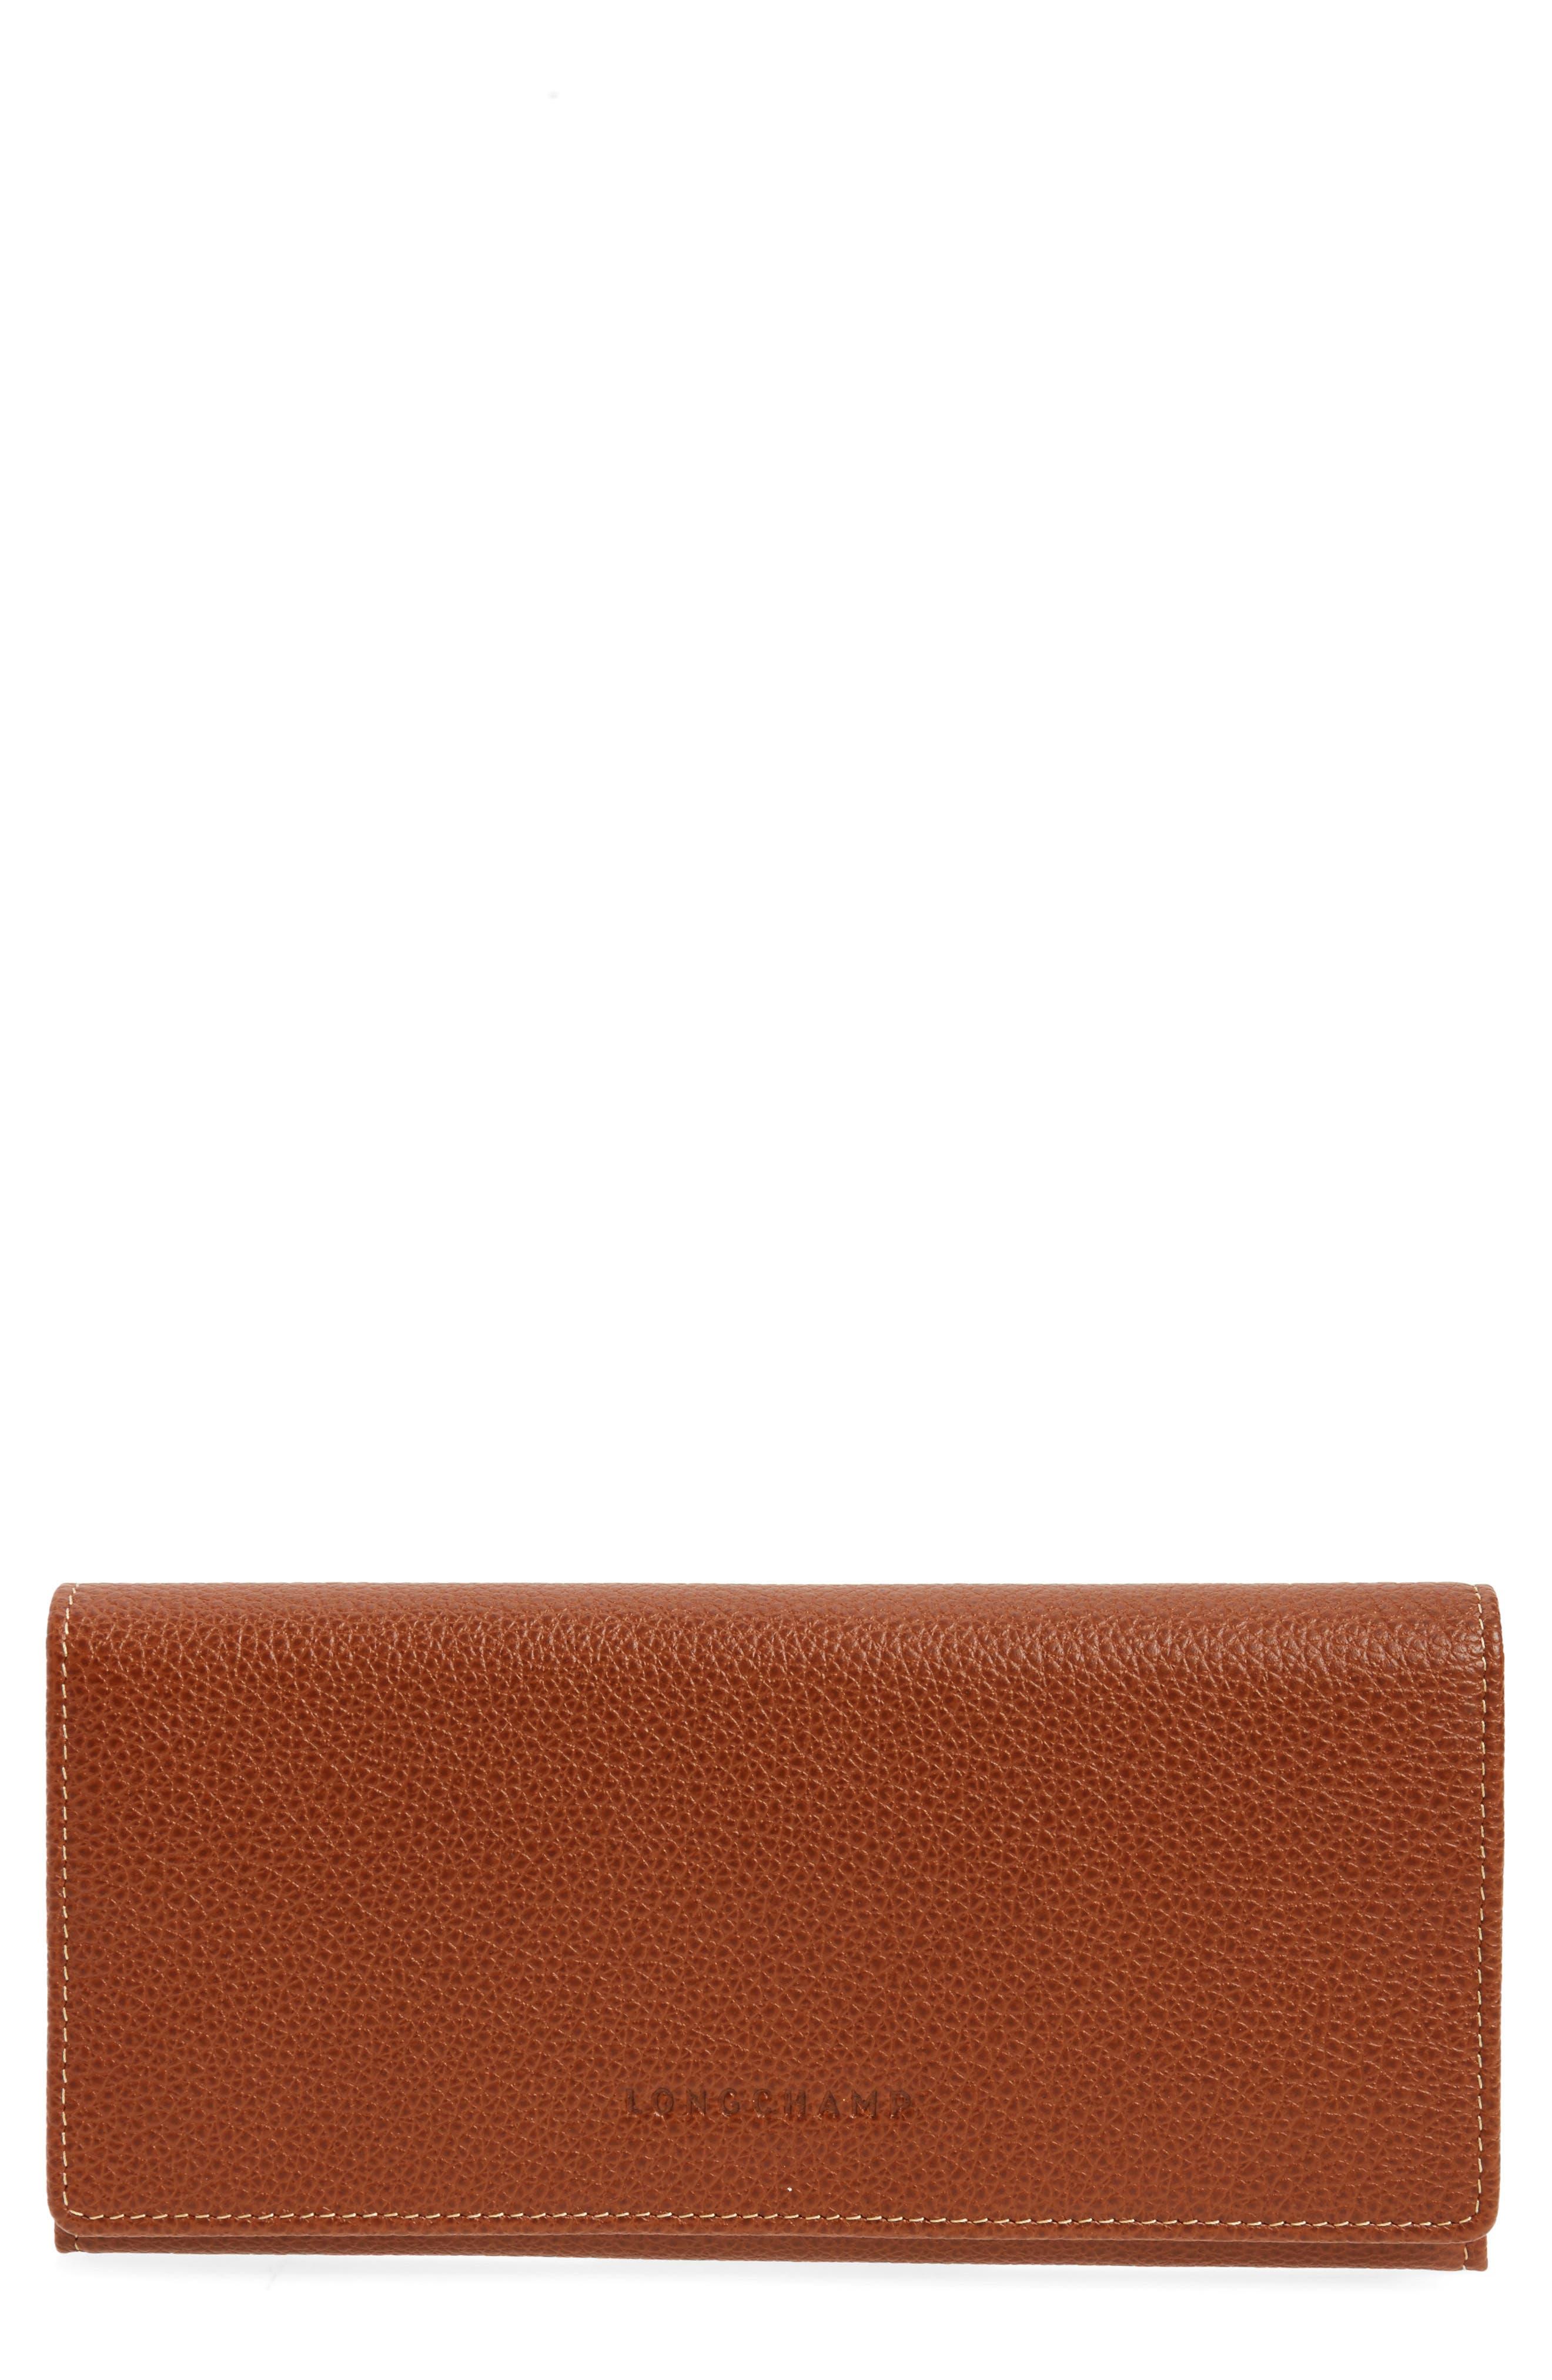 'Veau' Continental Wallet,                             Main thumbnail 1, color,                             COGNAC